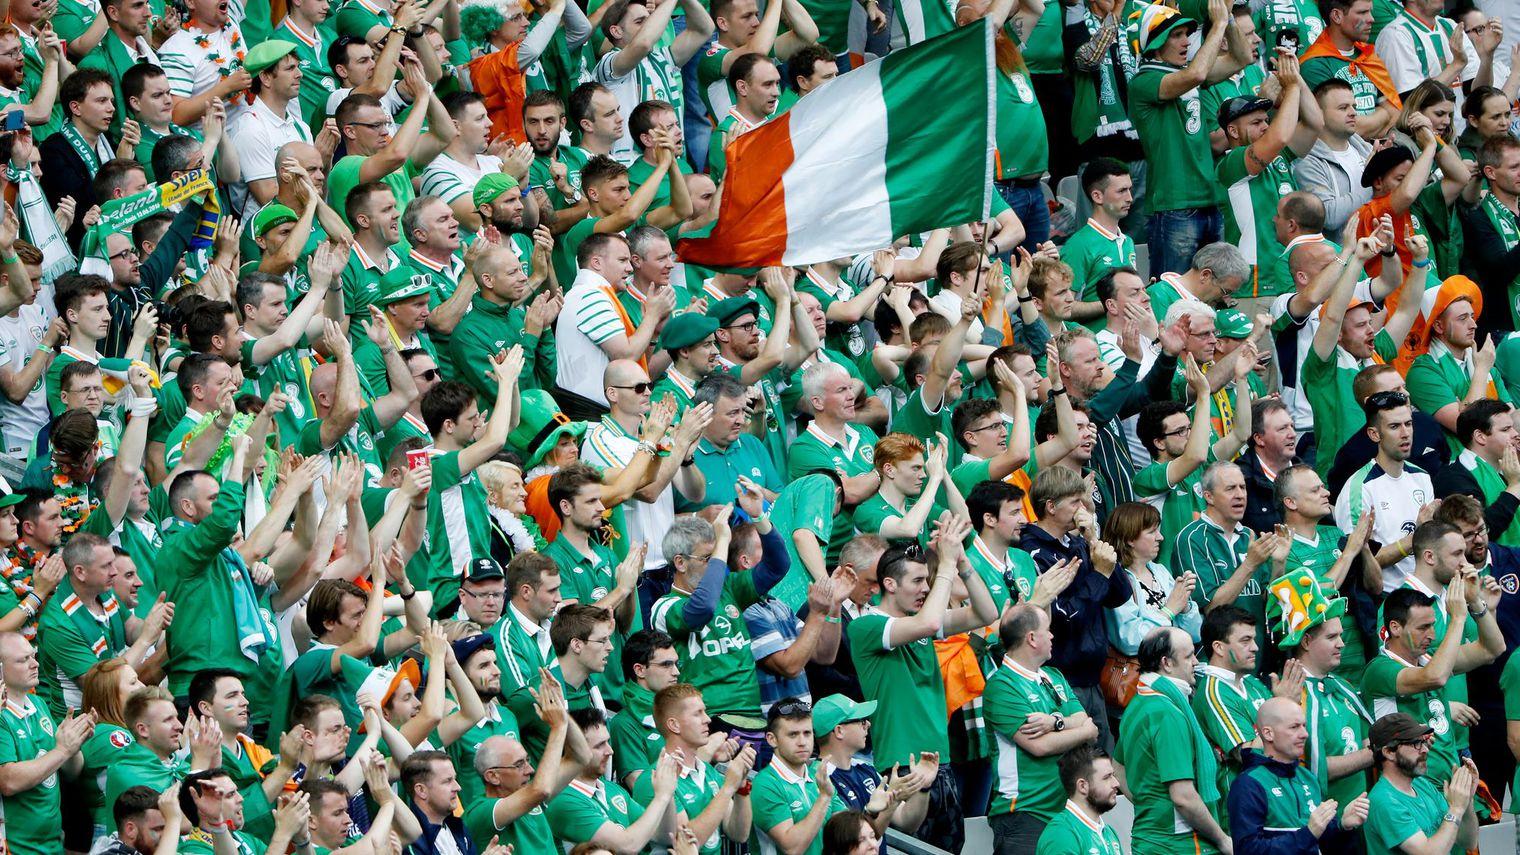 les-supporters-irlandais-au-stade-de-france-lors-du-match-irlande-suede_5618395